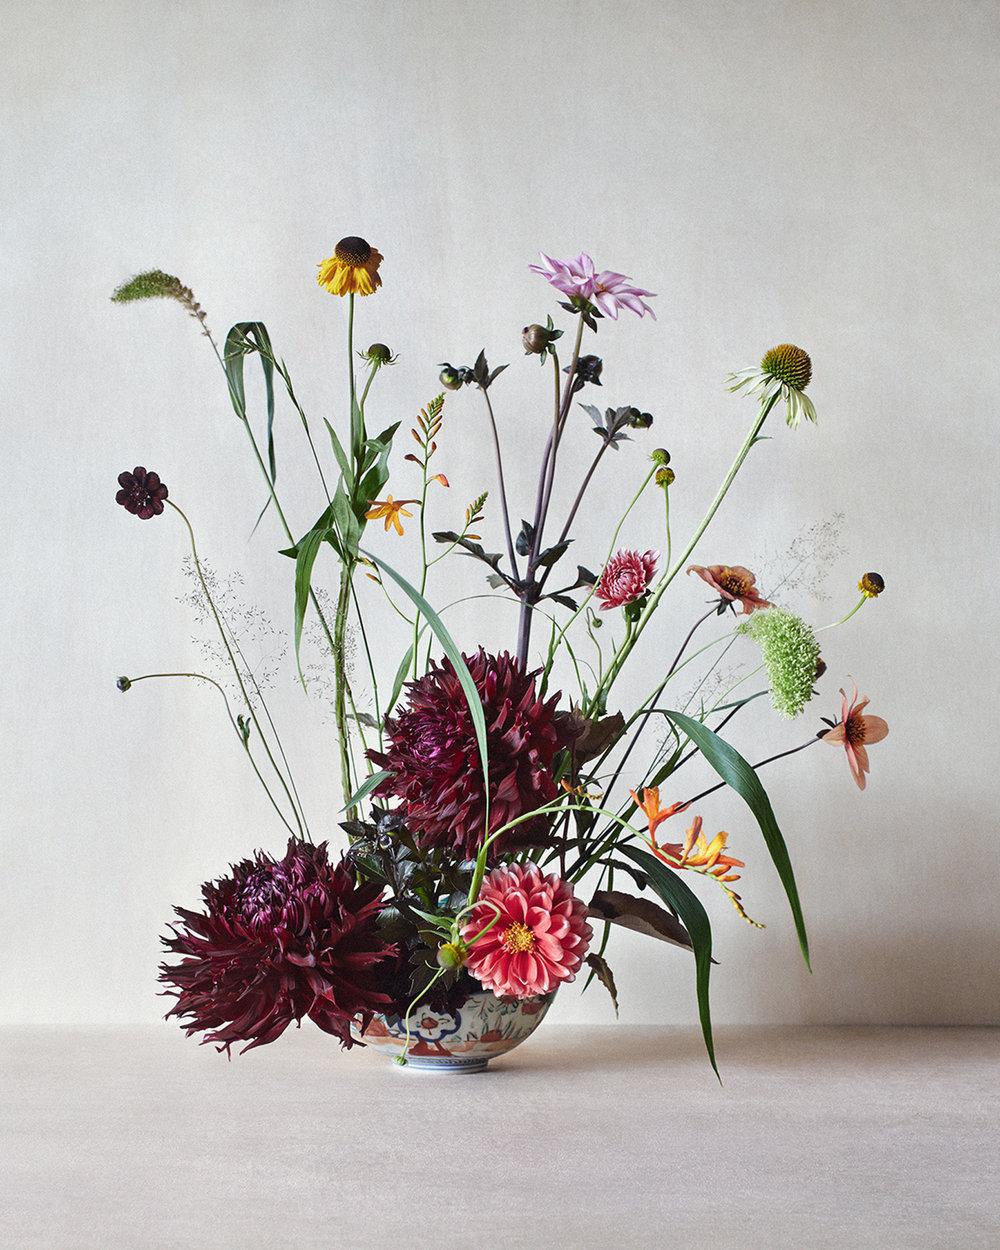 M Le Monde Fjura x The Garden Edit